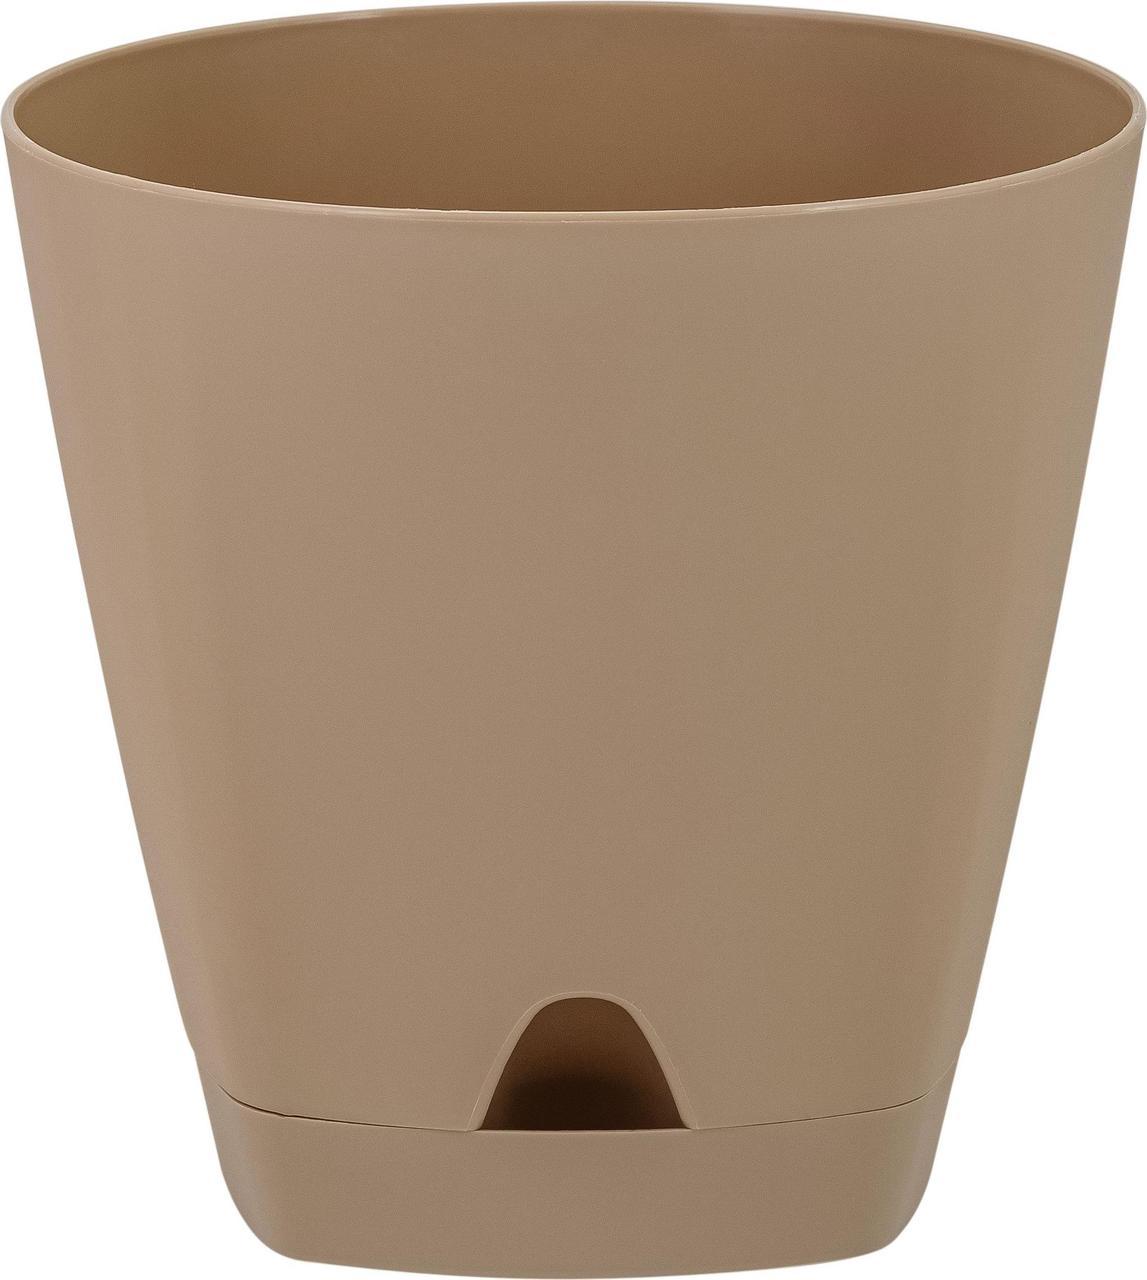 Горшок для цветов AMSTERDAM D 140 с прикорневым поливом 1,35 л Молочный Шоколад